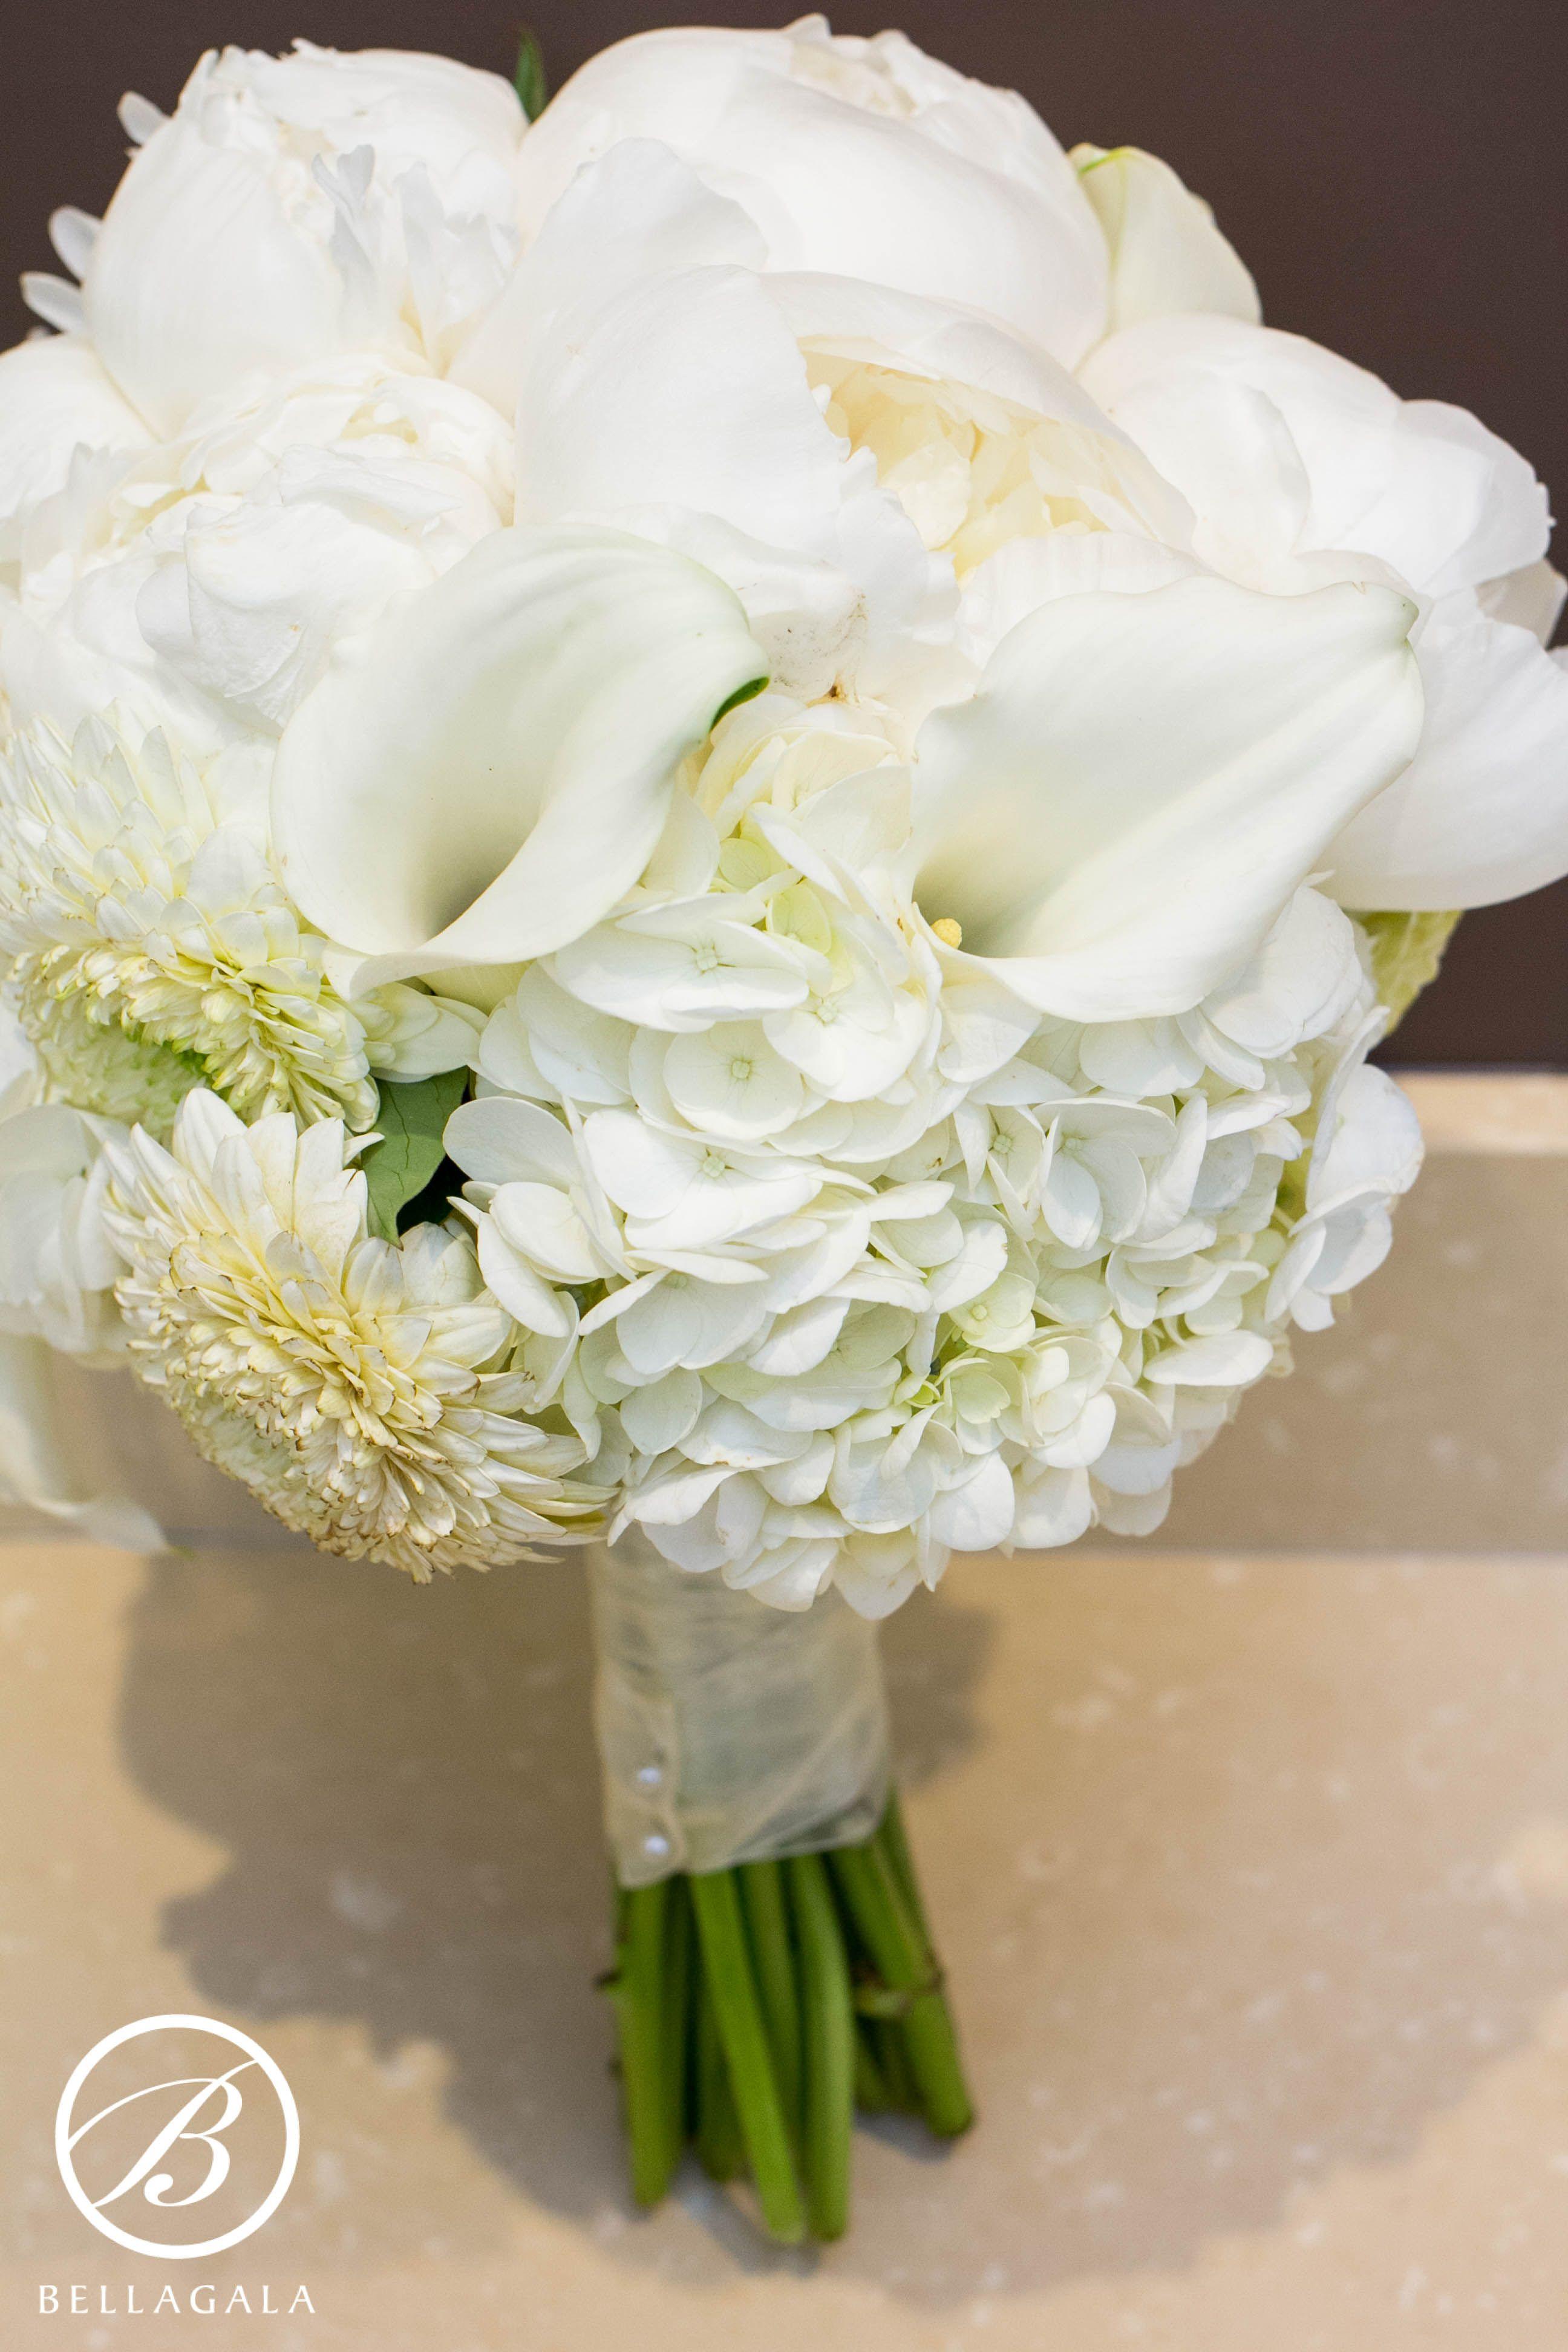 Bridal bouquet designed by Minneapolis wedding florist